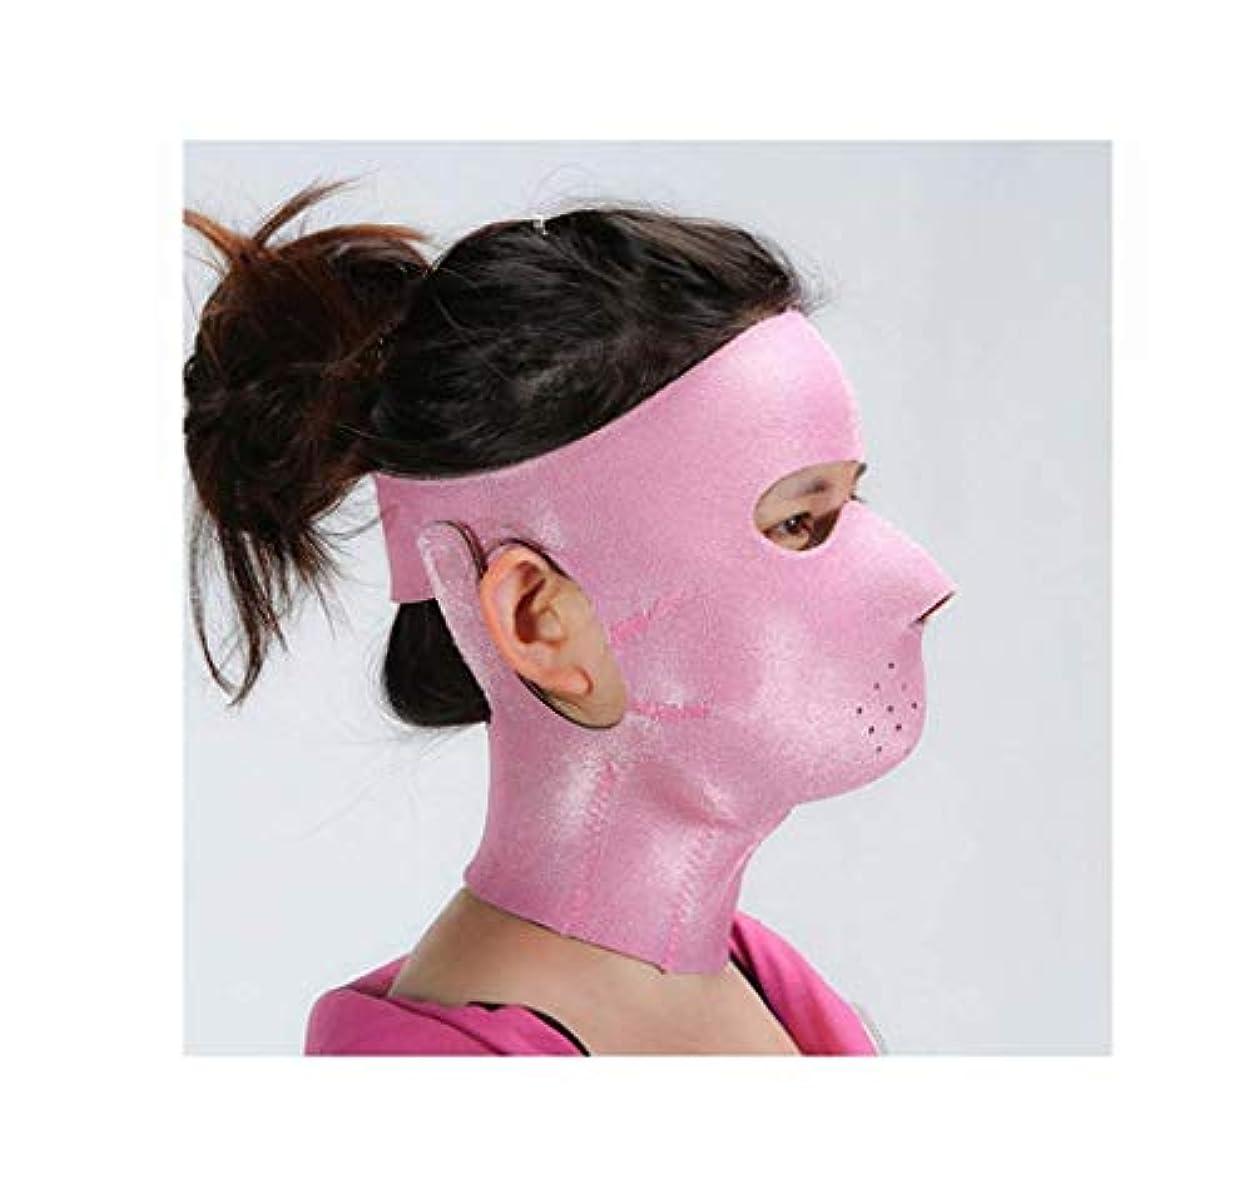 鎮痛剤上回る仮装フェイスリフトマスク、フェイシャルマスクプラス薄いフェイスマスクタイトなたるみの薄いフェイスマスクフェイシャル薄いフェイスマスクアーティファクトビューティーネックストラップ付き